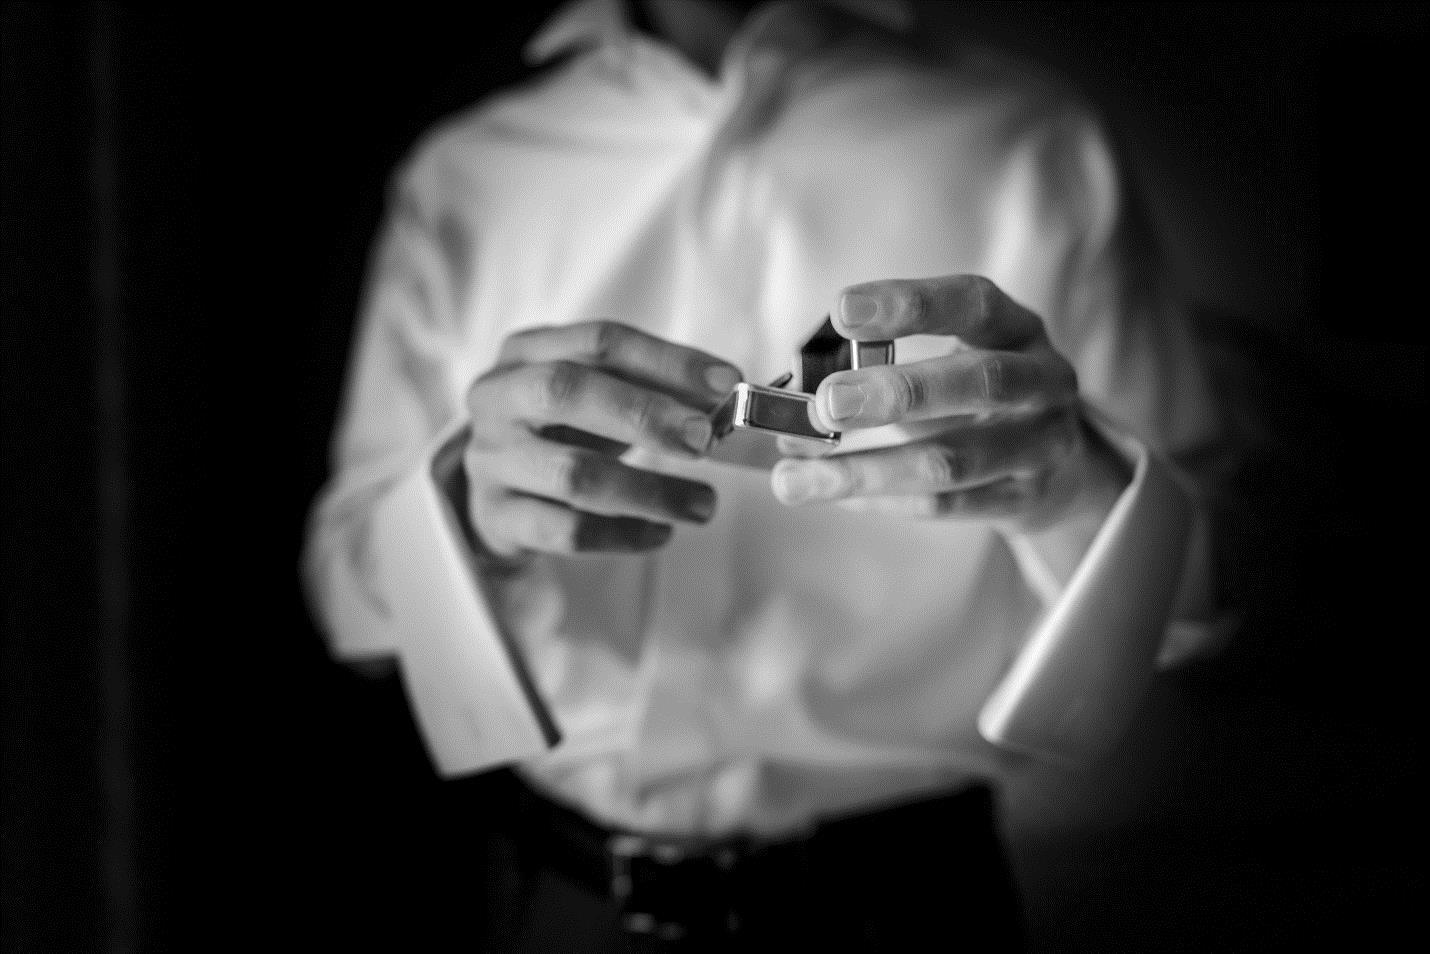 man holding wedding ring box